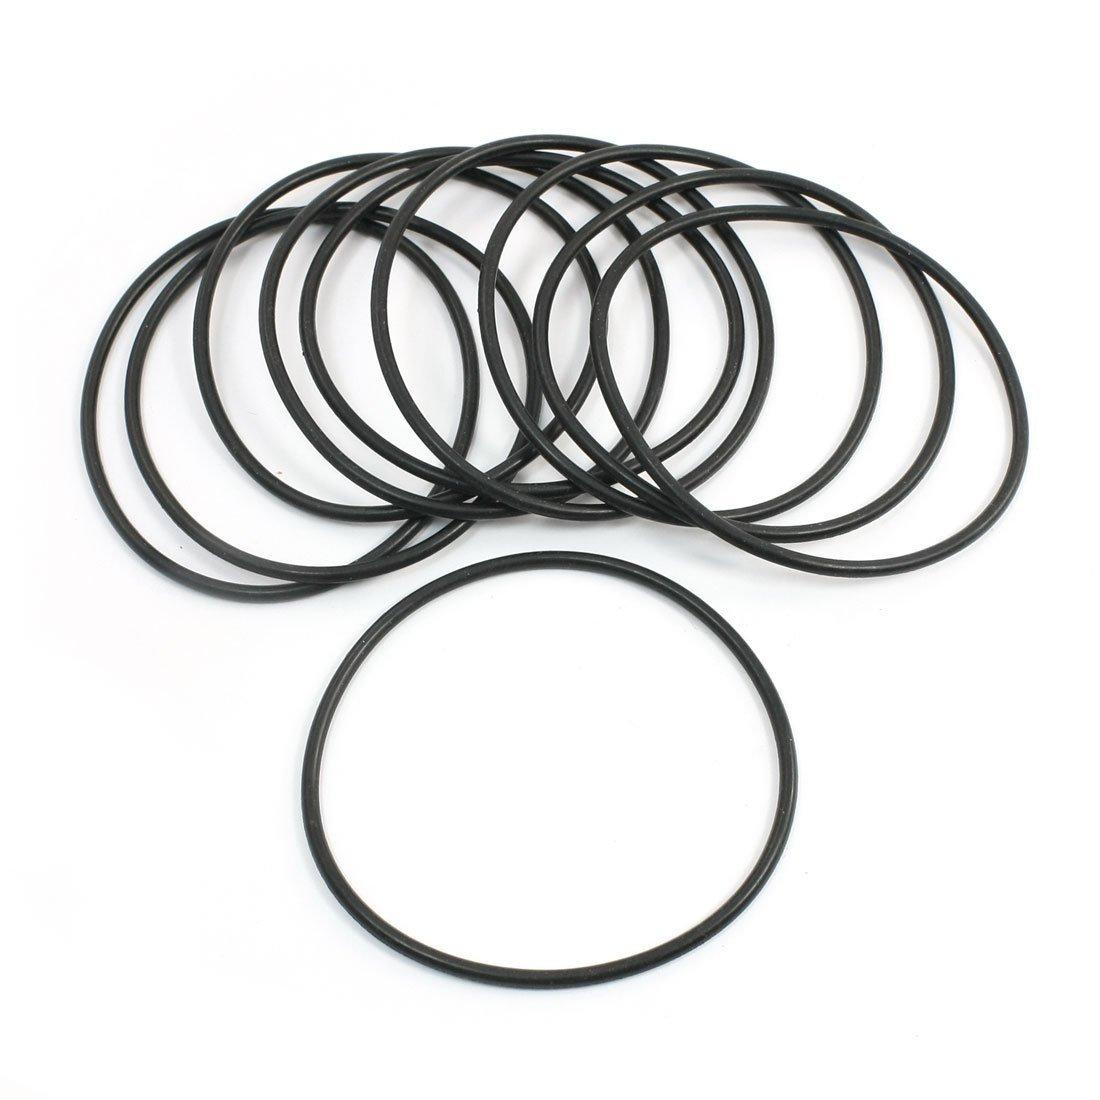 10pcs Noir m/écanique Joints toriques rondelles d/étanch/éit/é dhuile 92mm x 85 mm x 3,5 mm